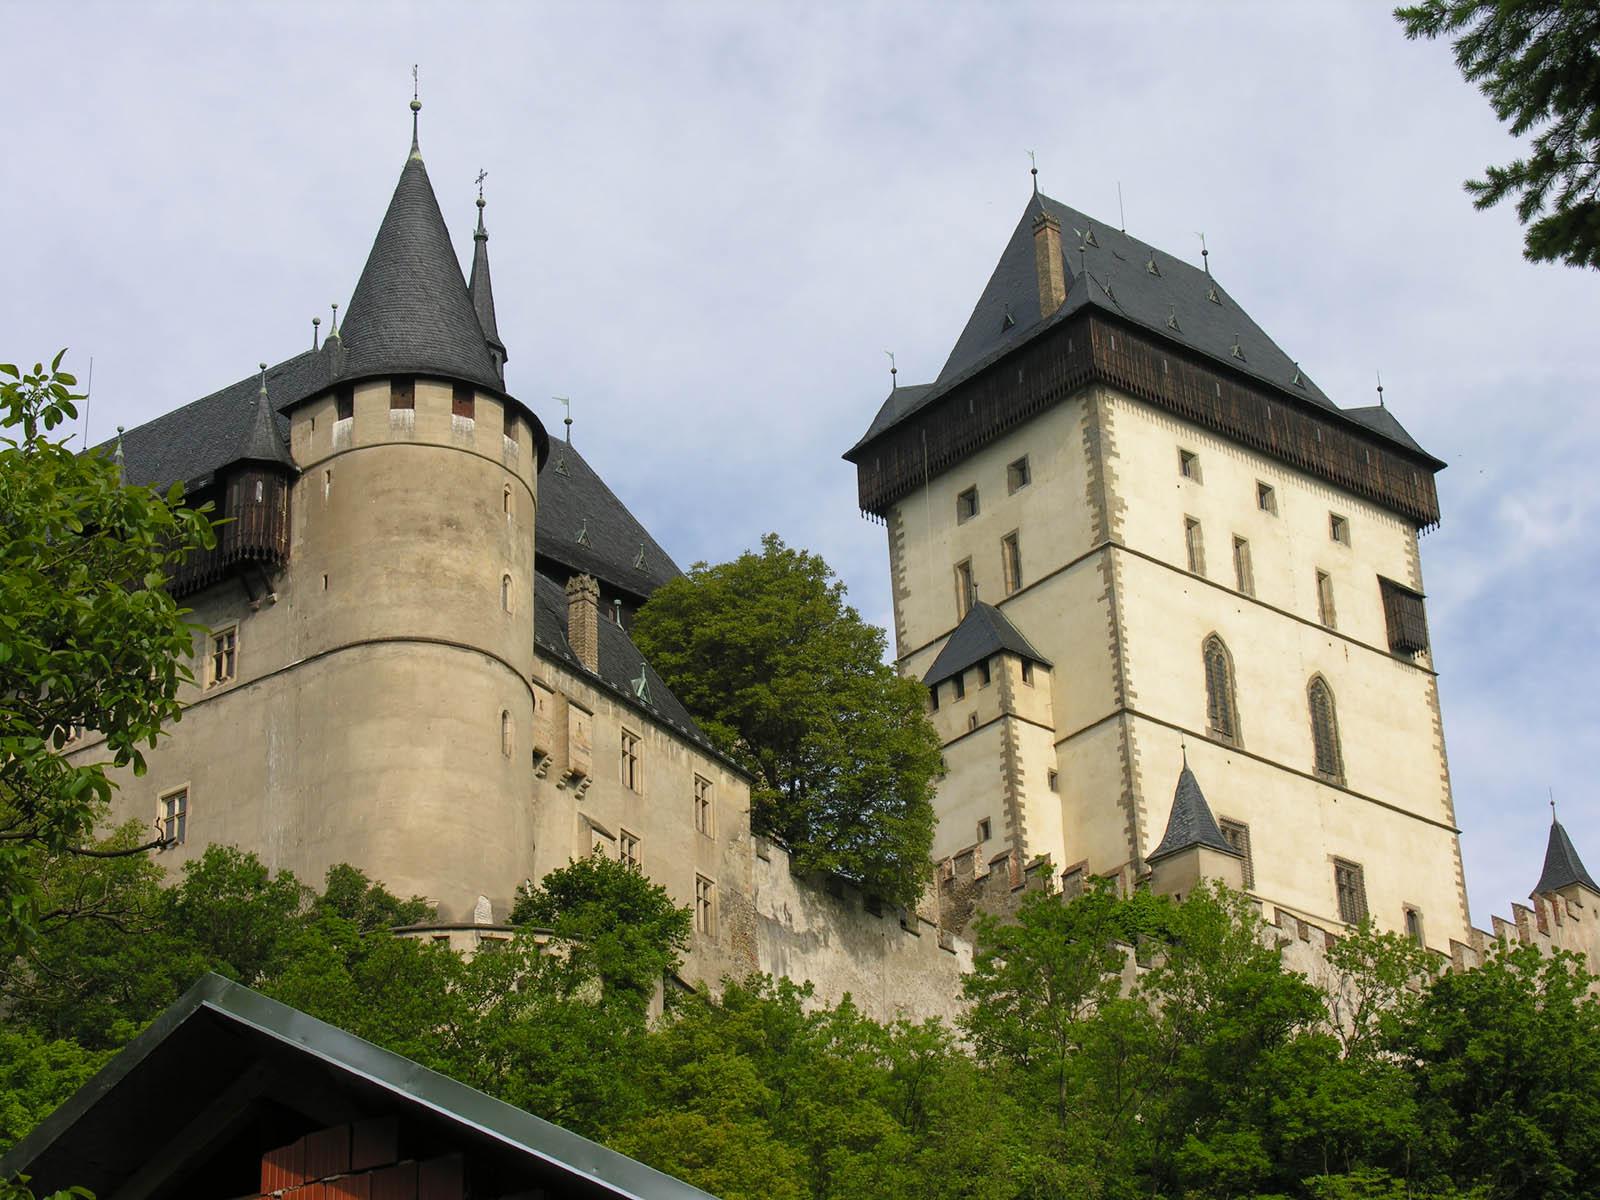 Karlstein Czech Republic